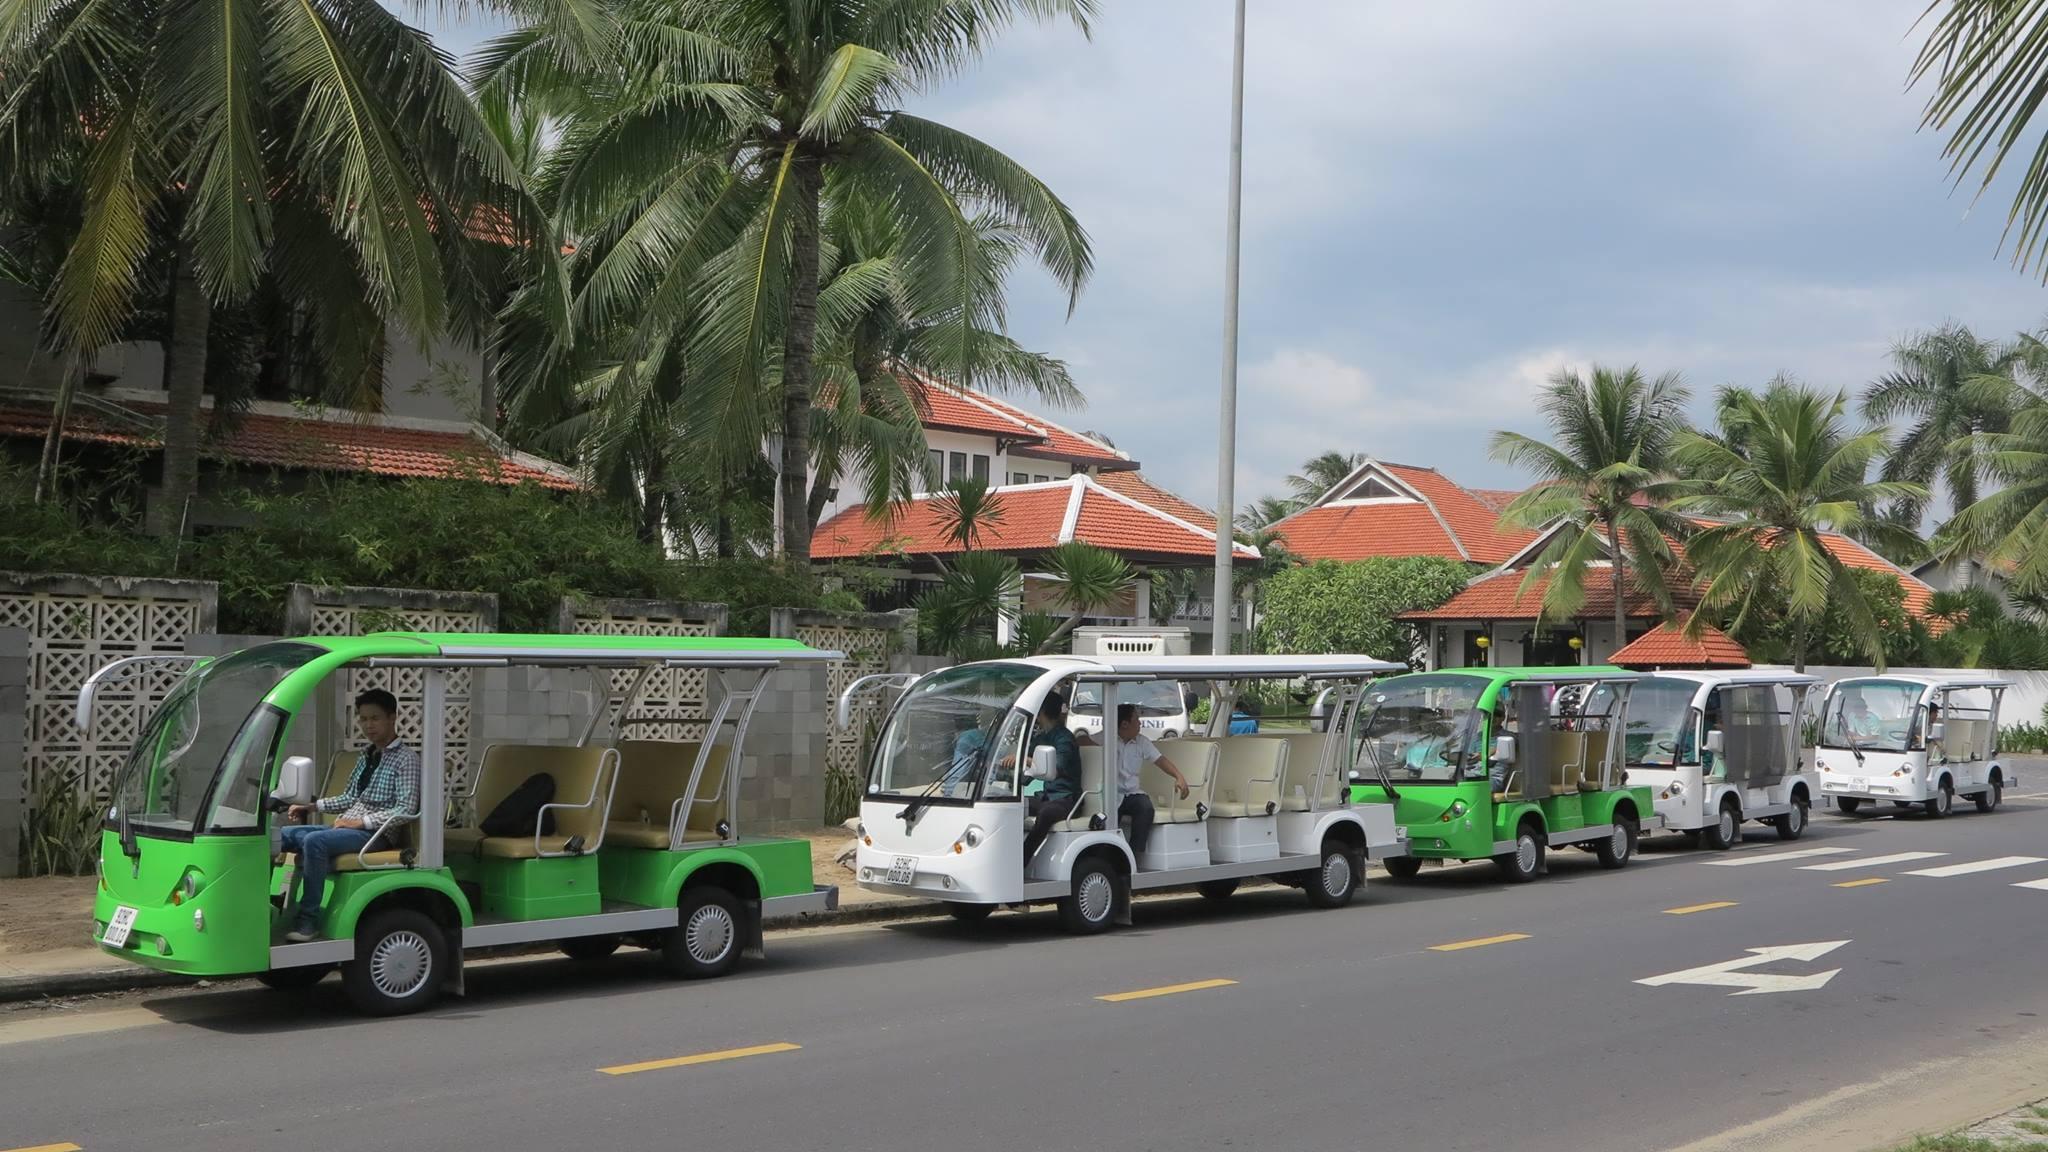 Xe điện Hội An - Hoi An Electric Car